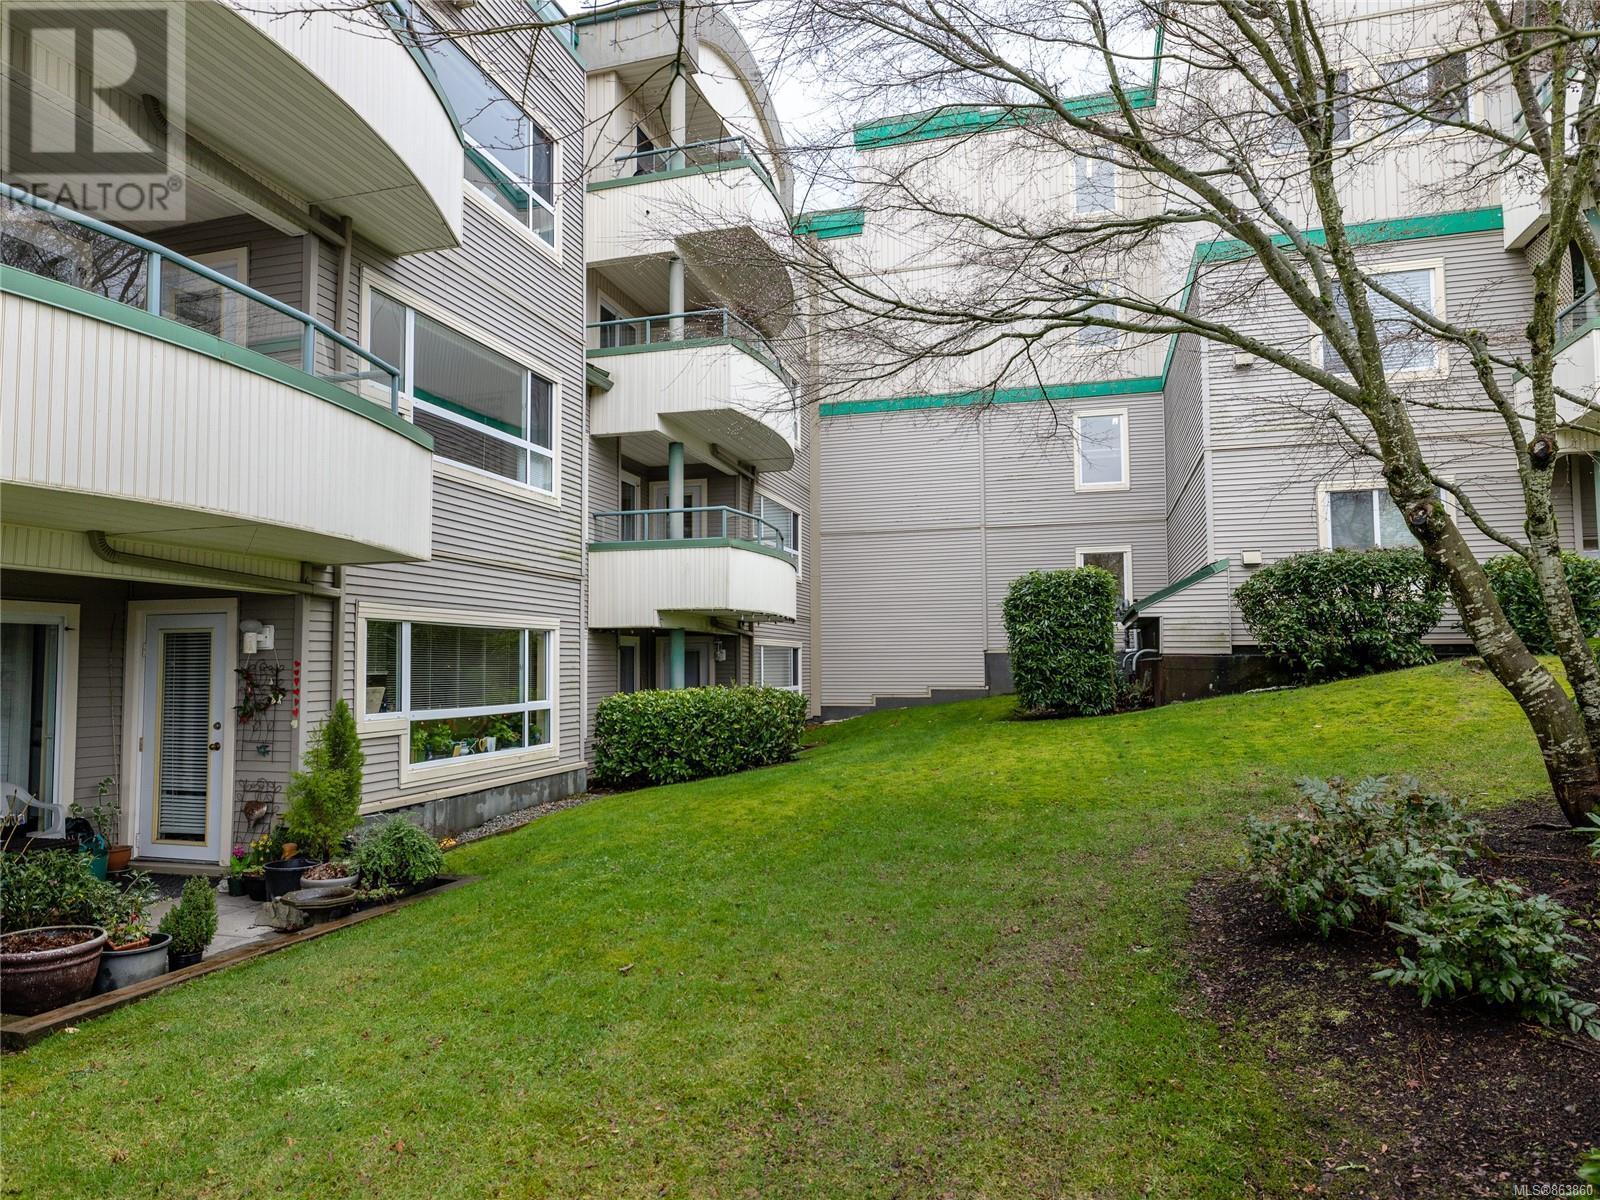 213 770 Poplar St, Nanaimo, British Columbia  V9S 2H6 - Photo 22 - 863860